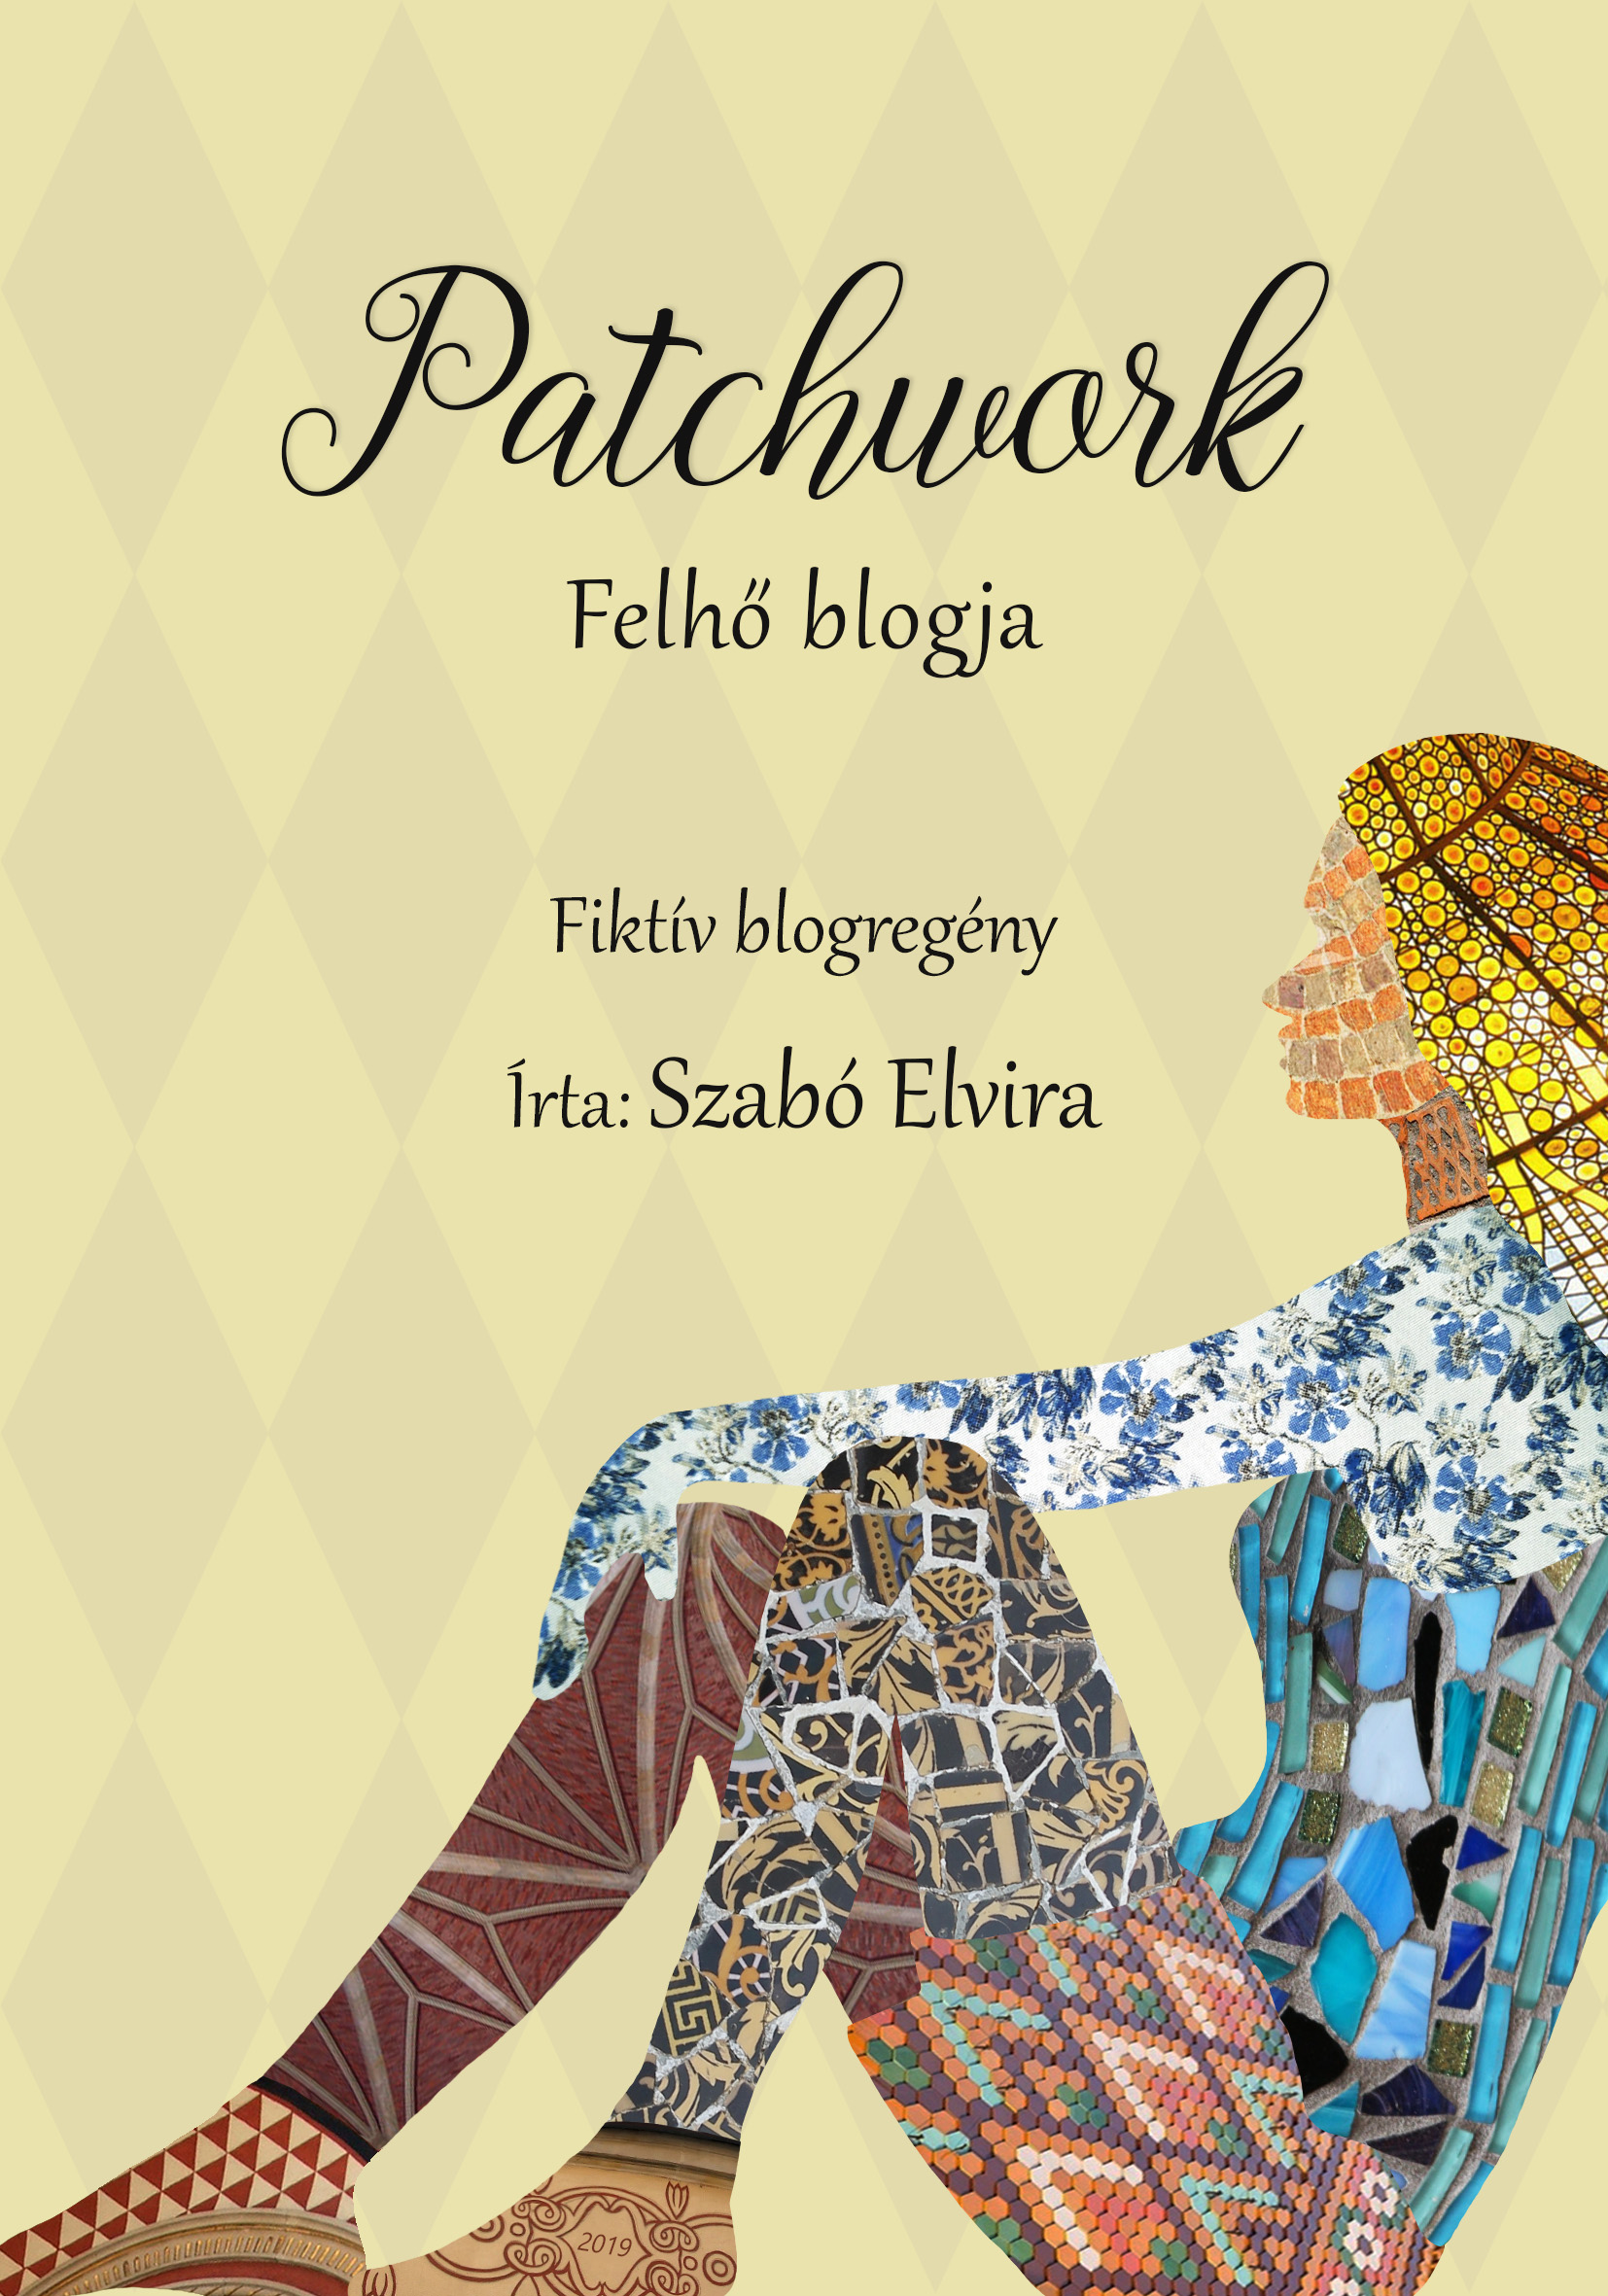 patchwork_cover_v5.jpg